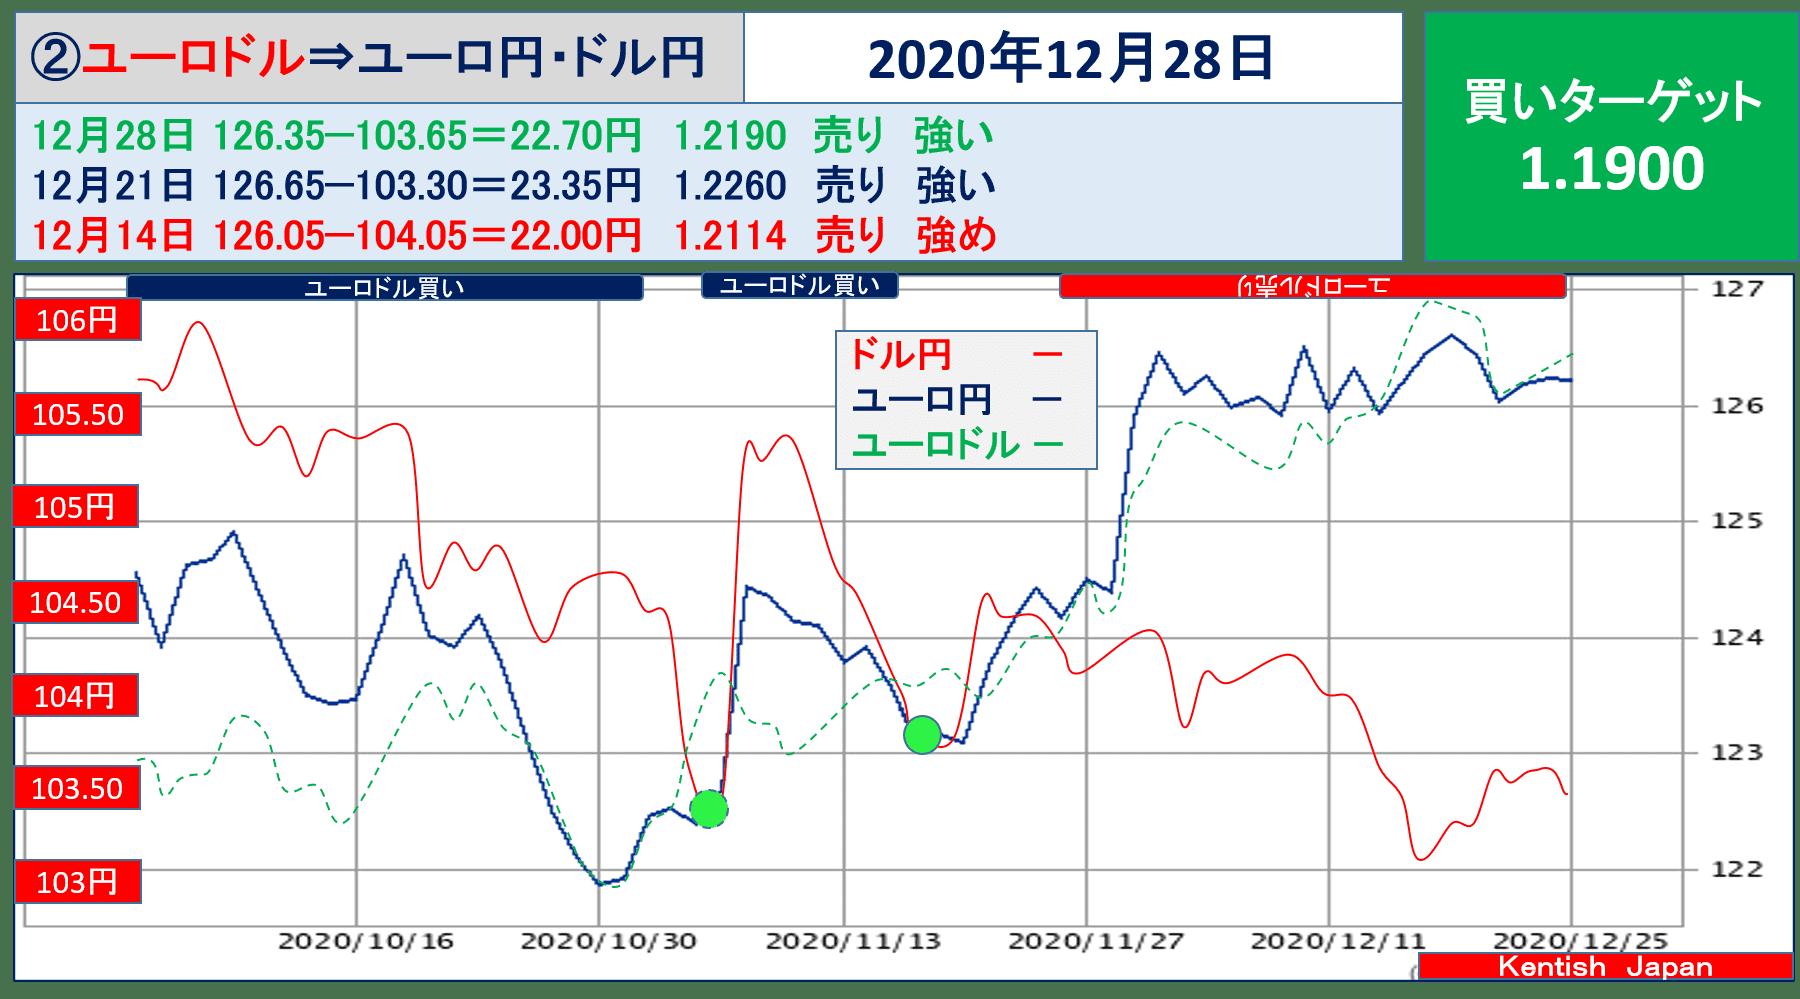 2020年12月28日週ユーロドル(ユーロ円-ドル円)